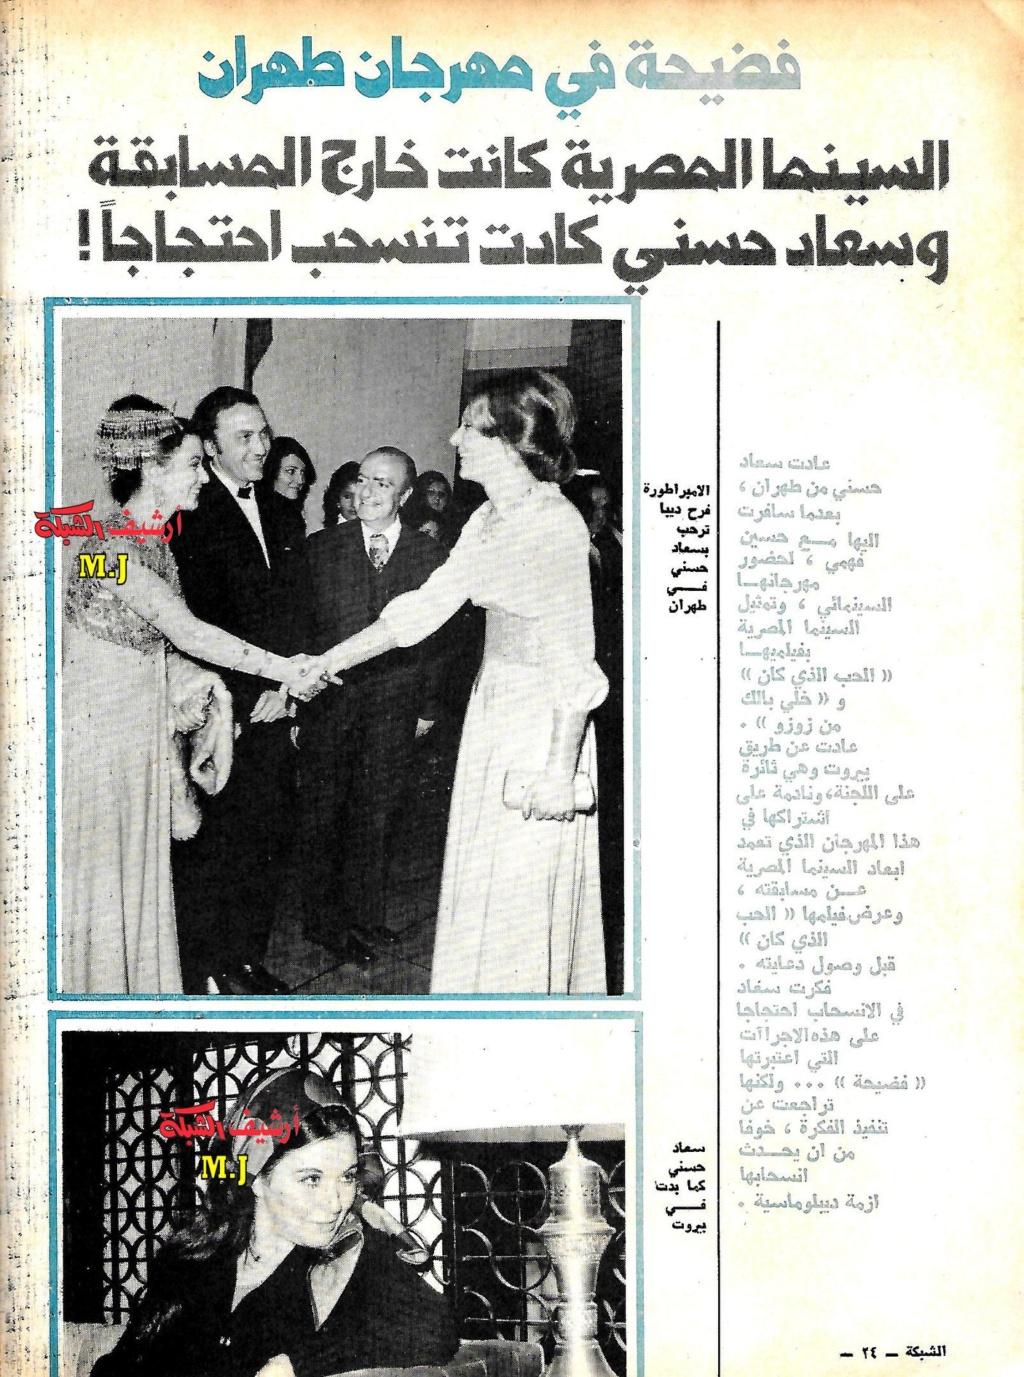 خبر صحفي : فضيحة في مهرجان طهران .. السينما المصرية كانت خارج المسابقة وسعاد حسني كادت تنسحب احتجاجاً ! 1973 م 1394